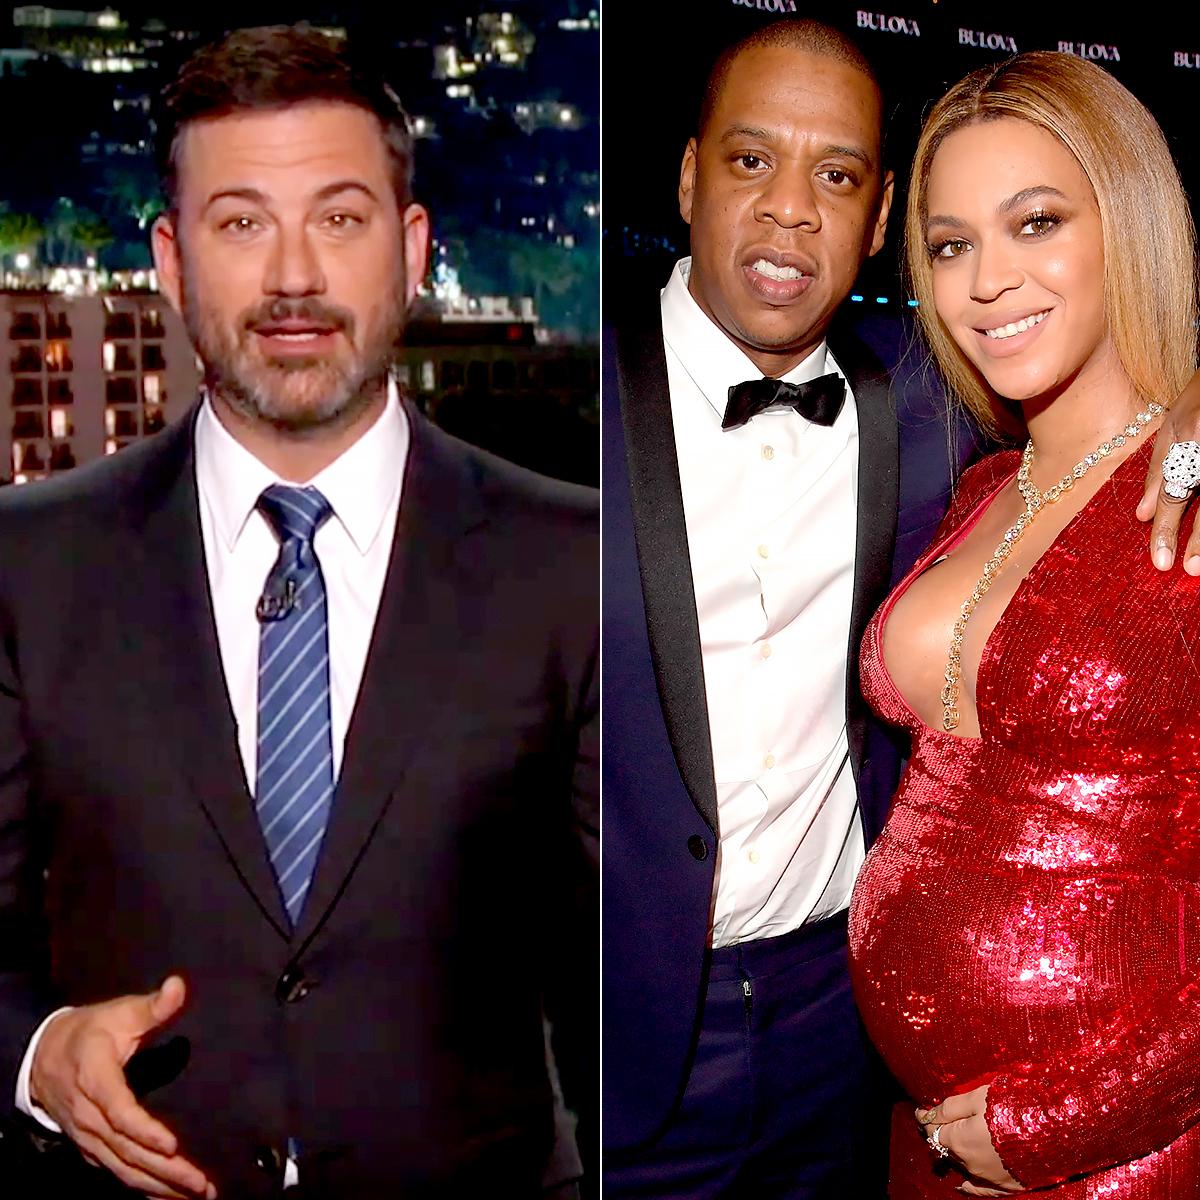 Jimmy Kimmel, Jay-Z, and Beyonce